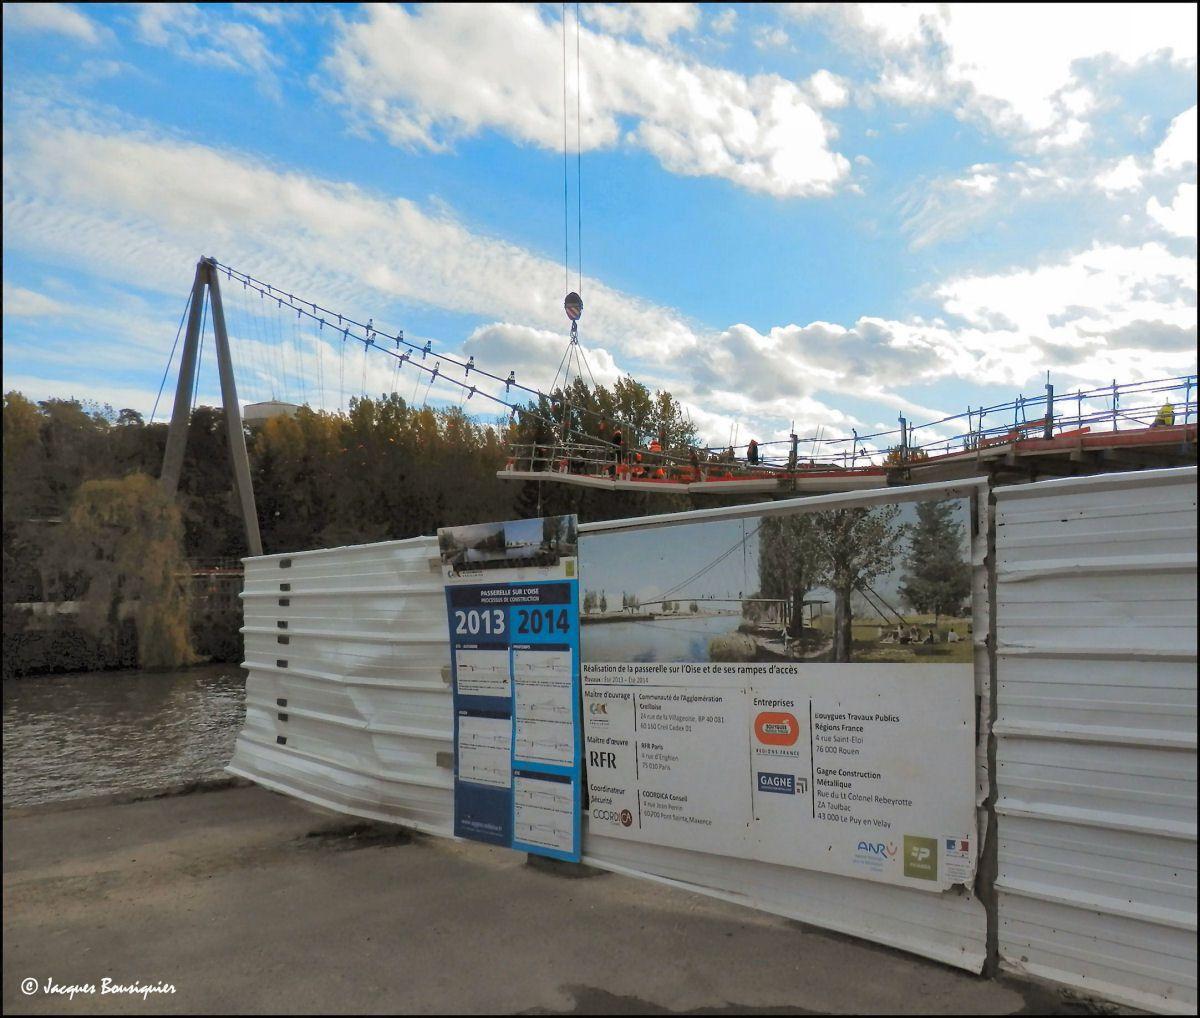 Des vues sur palissades du projet futur une fois réalisé...